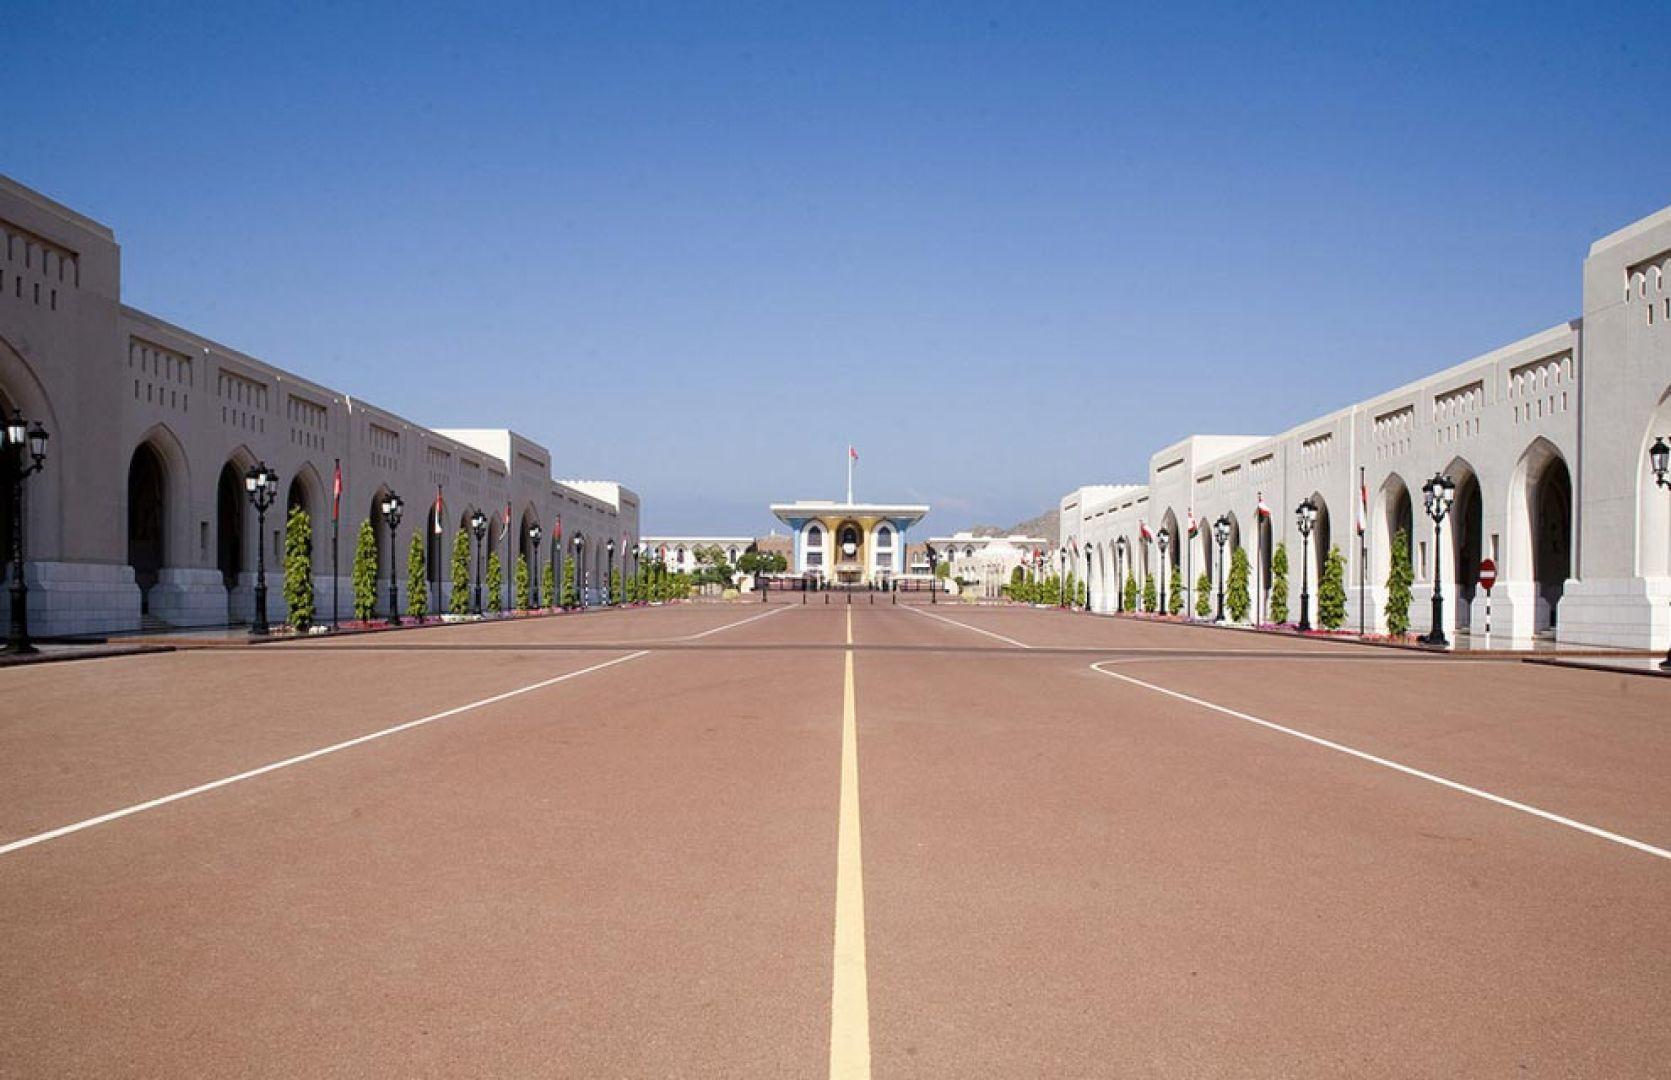 Картинка дворца султана в омане